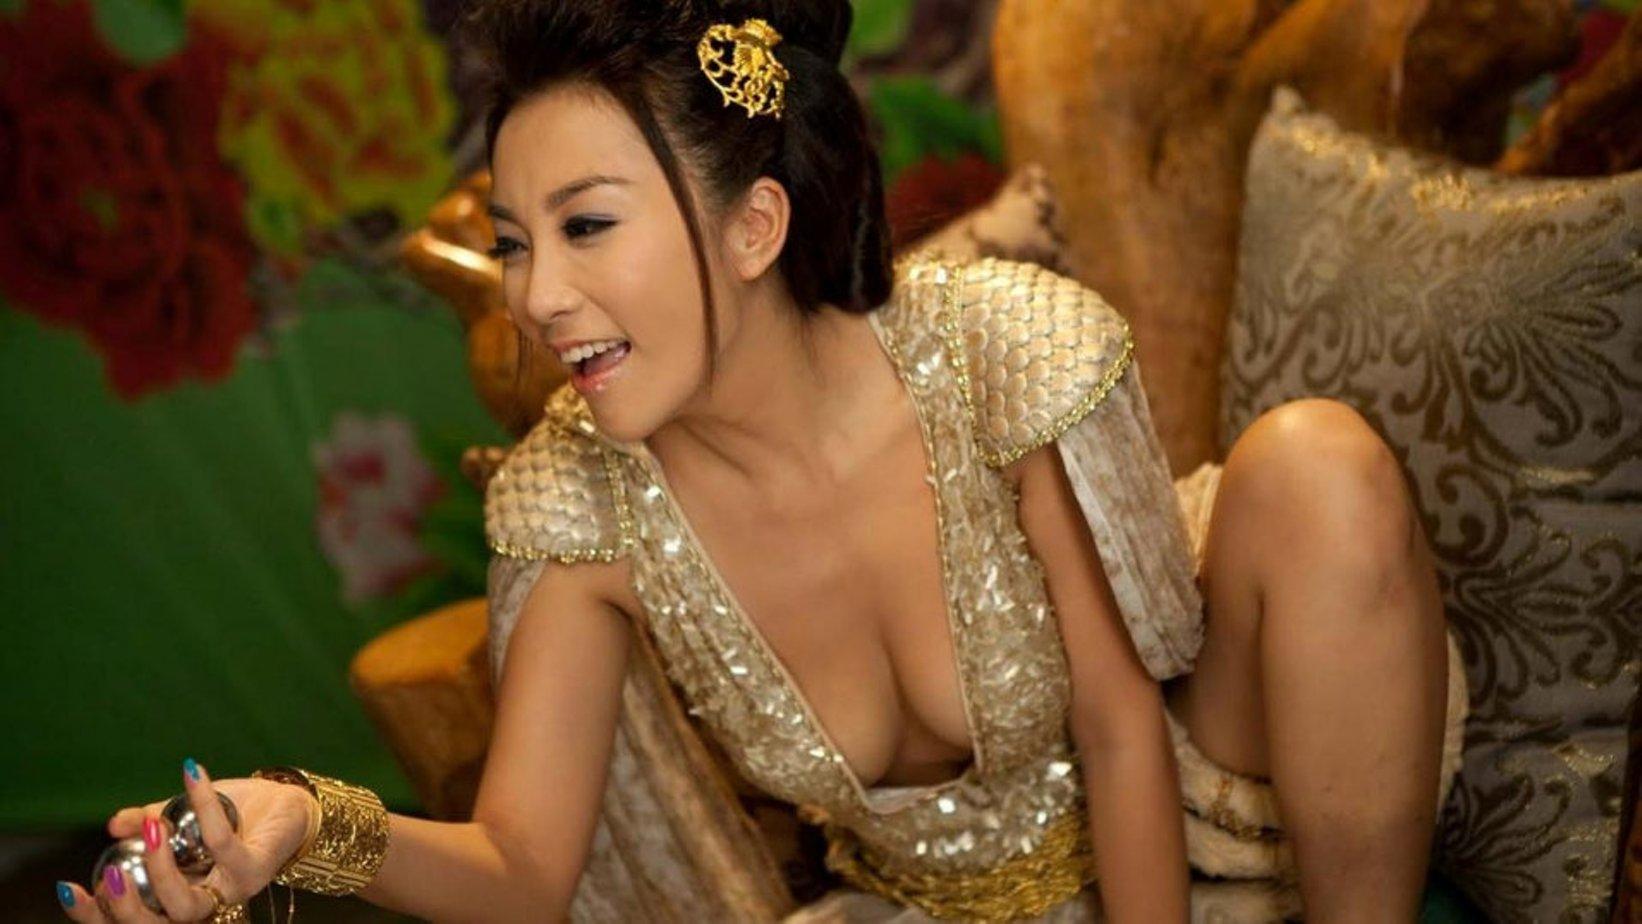 Смотреть онлайн секс и дзен 2011